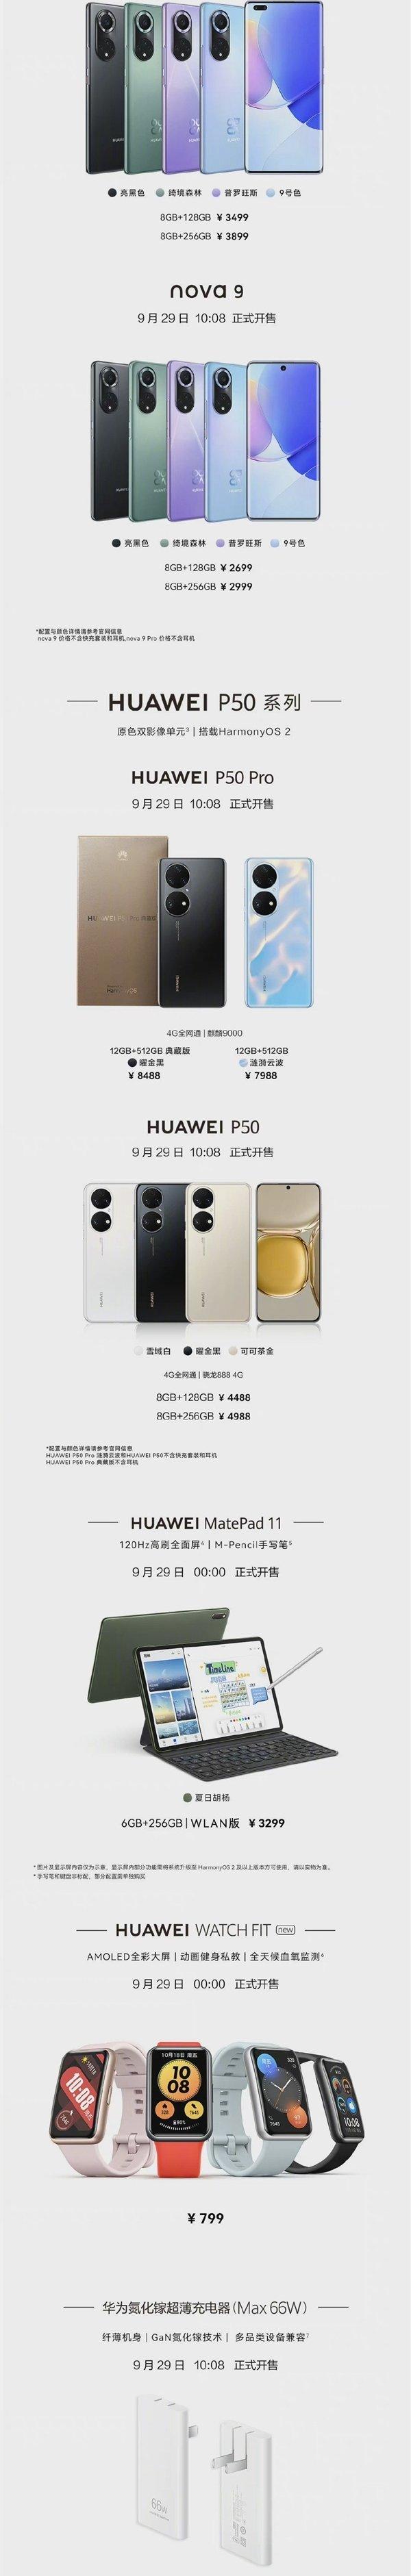 Большой день для Huawei: сразу несколько смартфонов, а также планшет, умные часы и зарядное устройство поступили в продажу в Китае